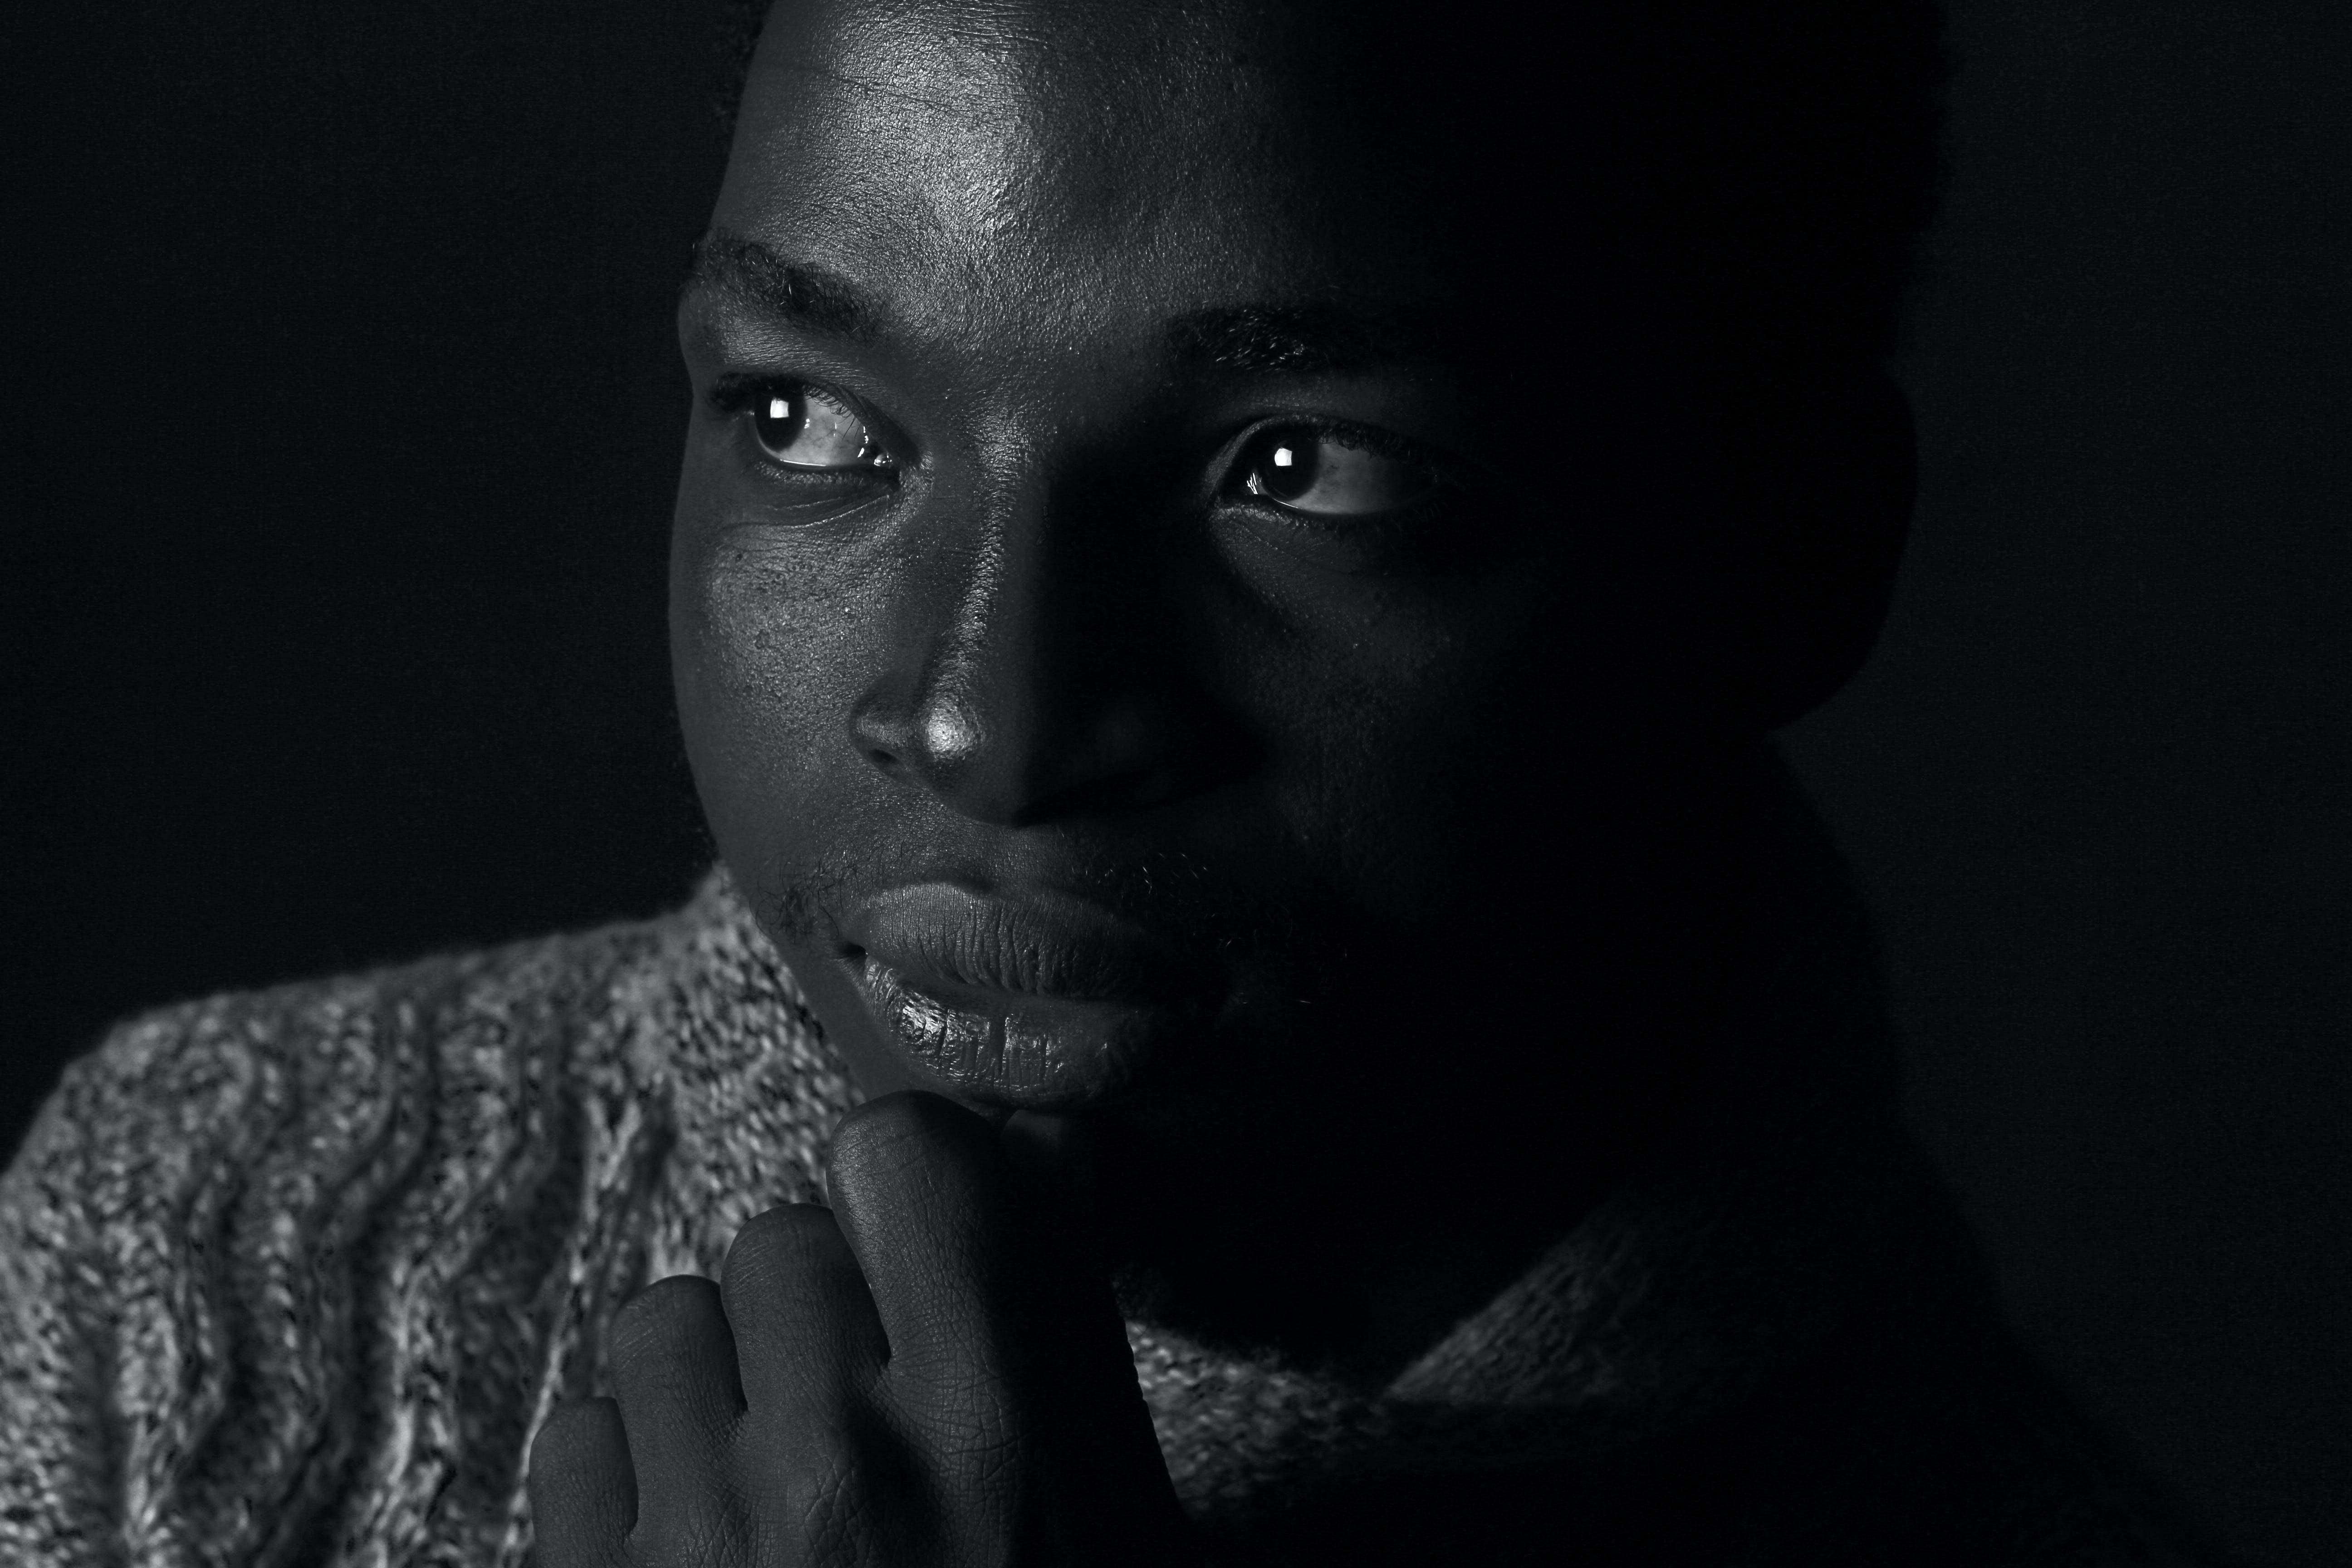 Grayscale Portrait Photo a Man